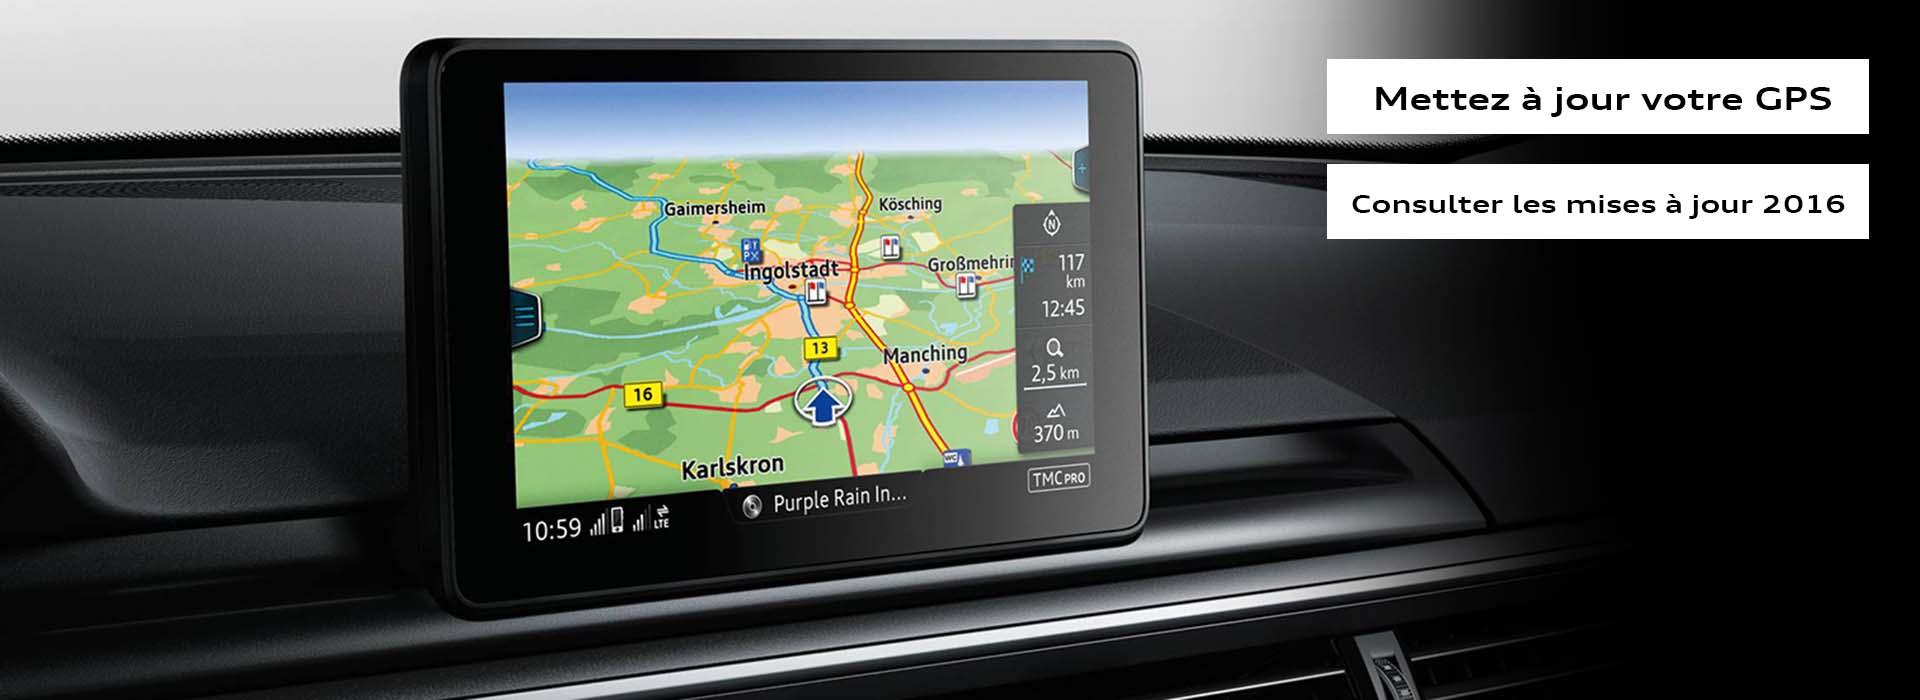 Audi Mise à jour GPS 2016